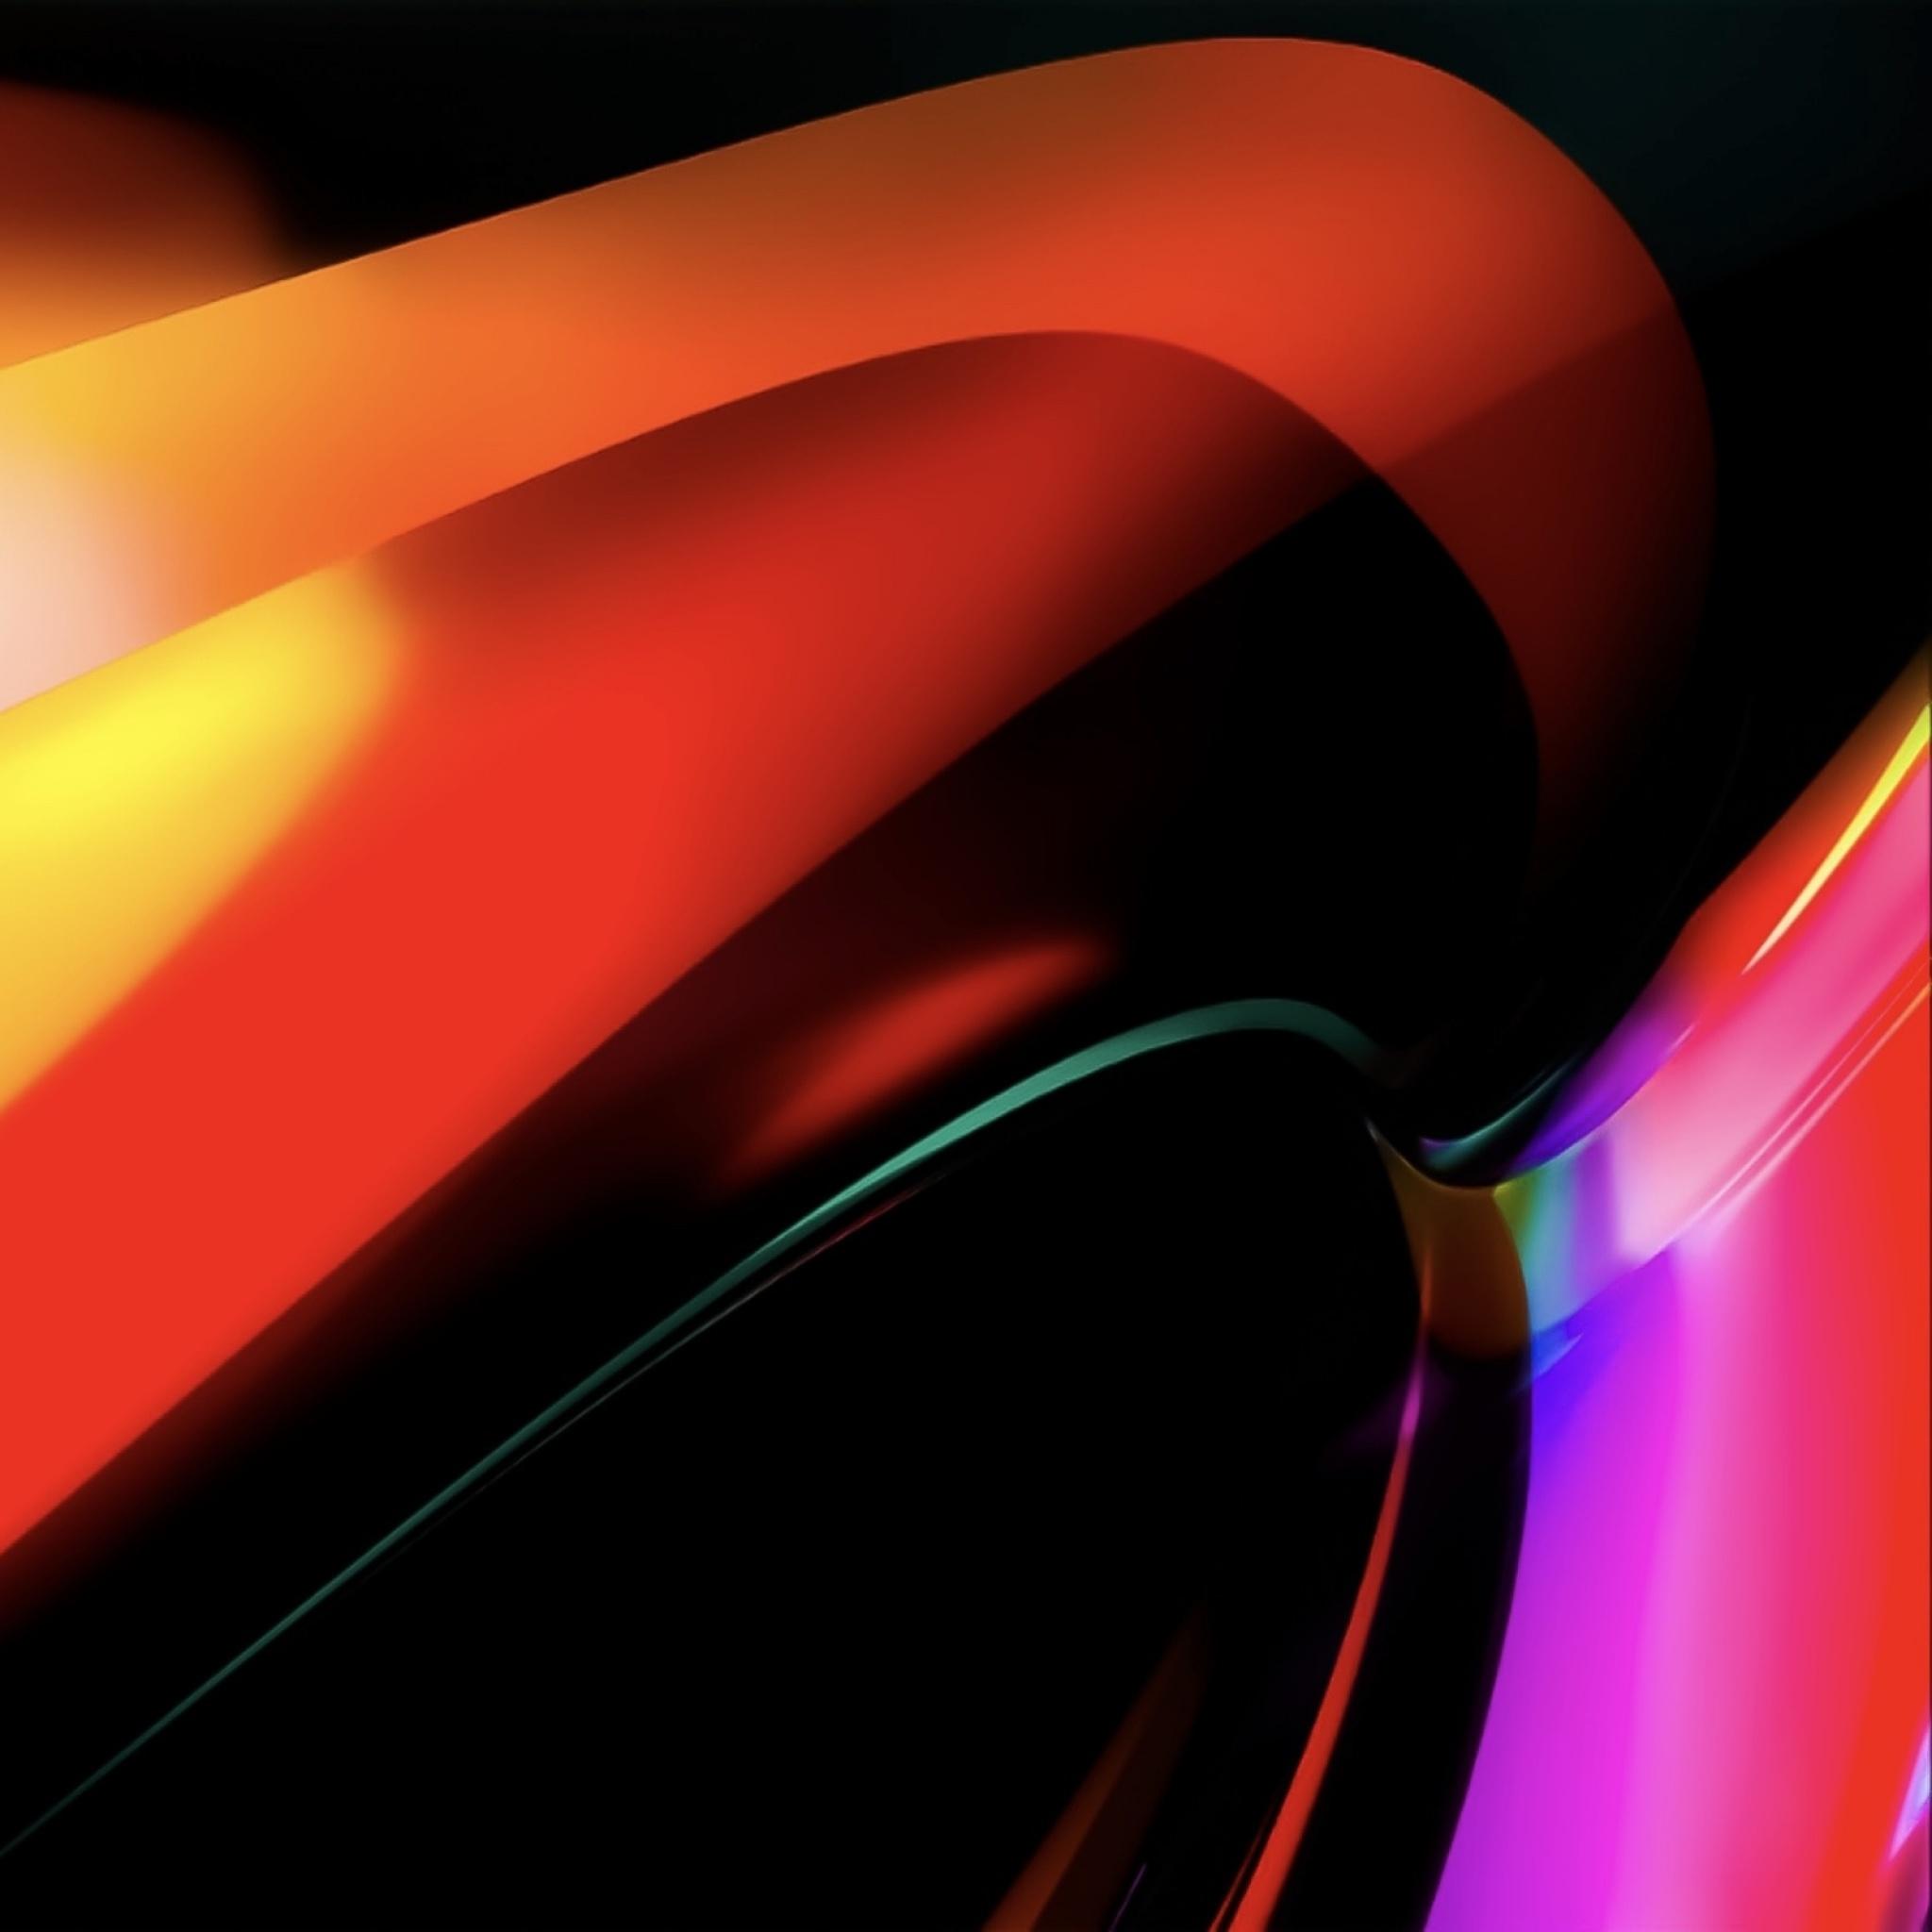 MacBook Pro 4K Wallpaper, Orange, Apple, Stock, Abstract